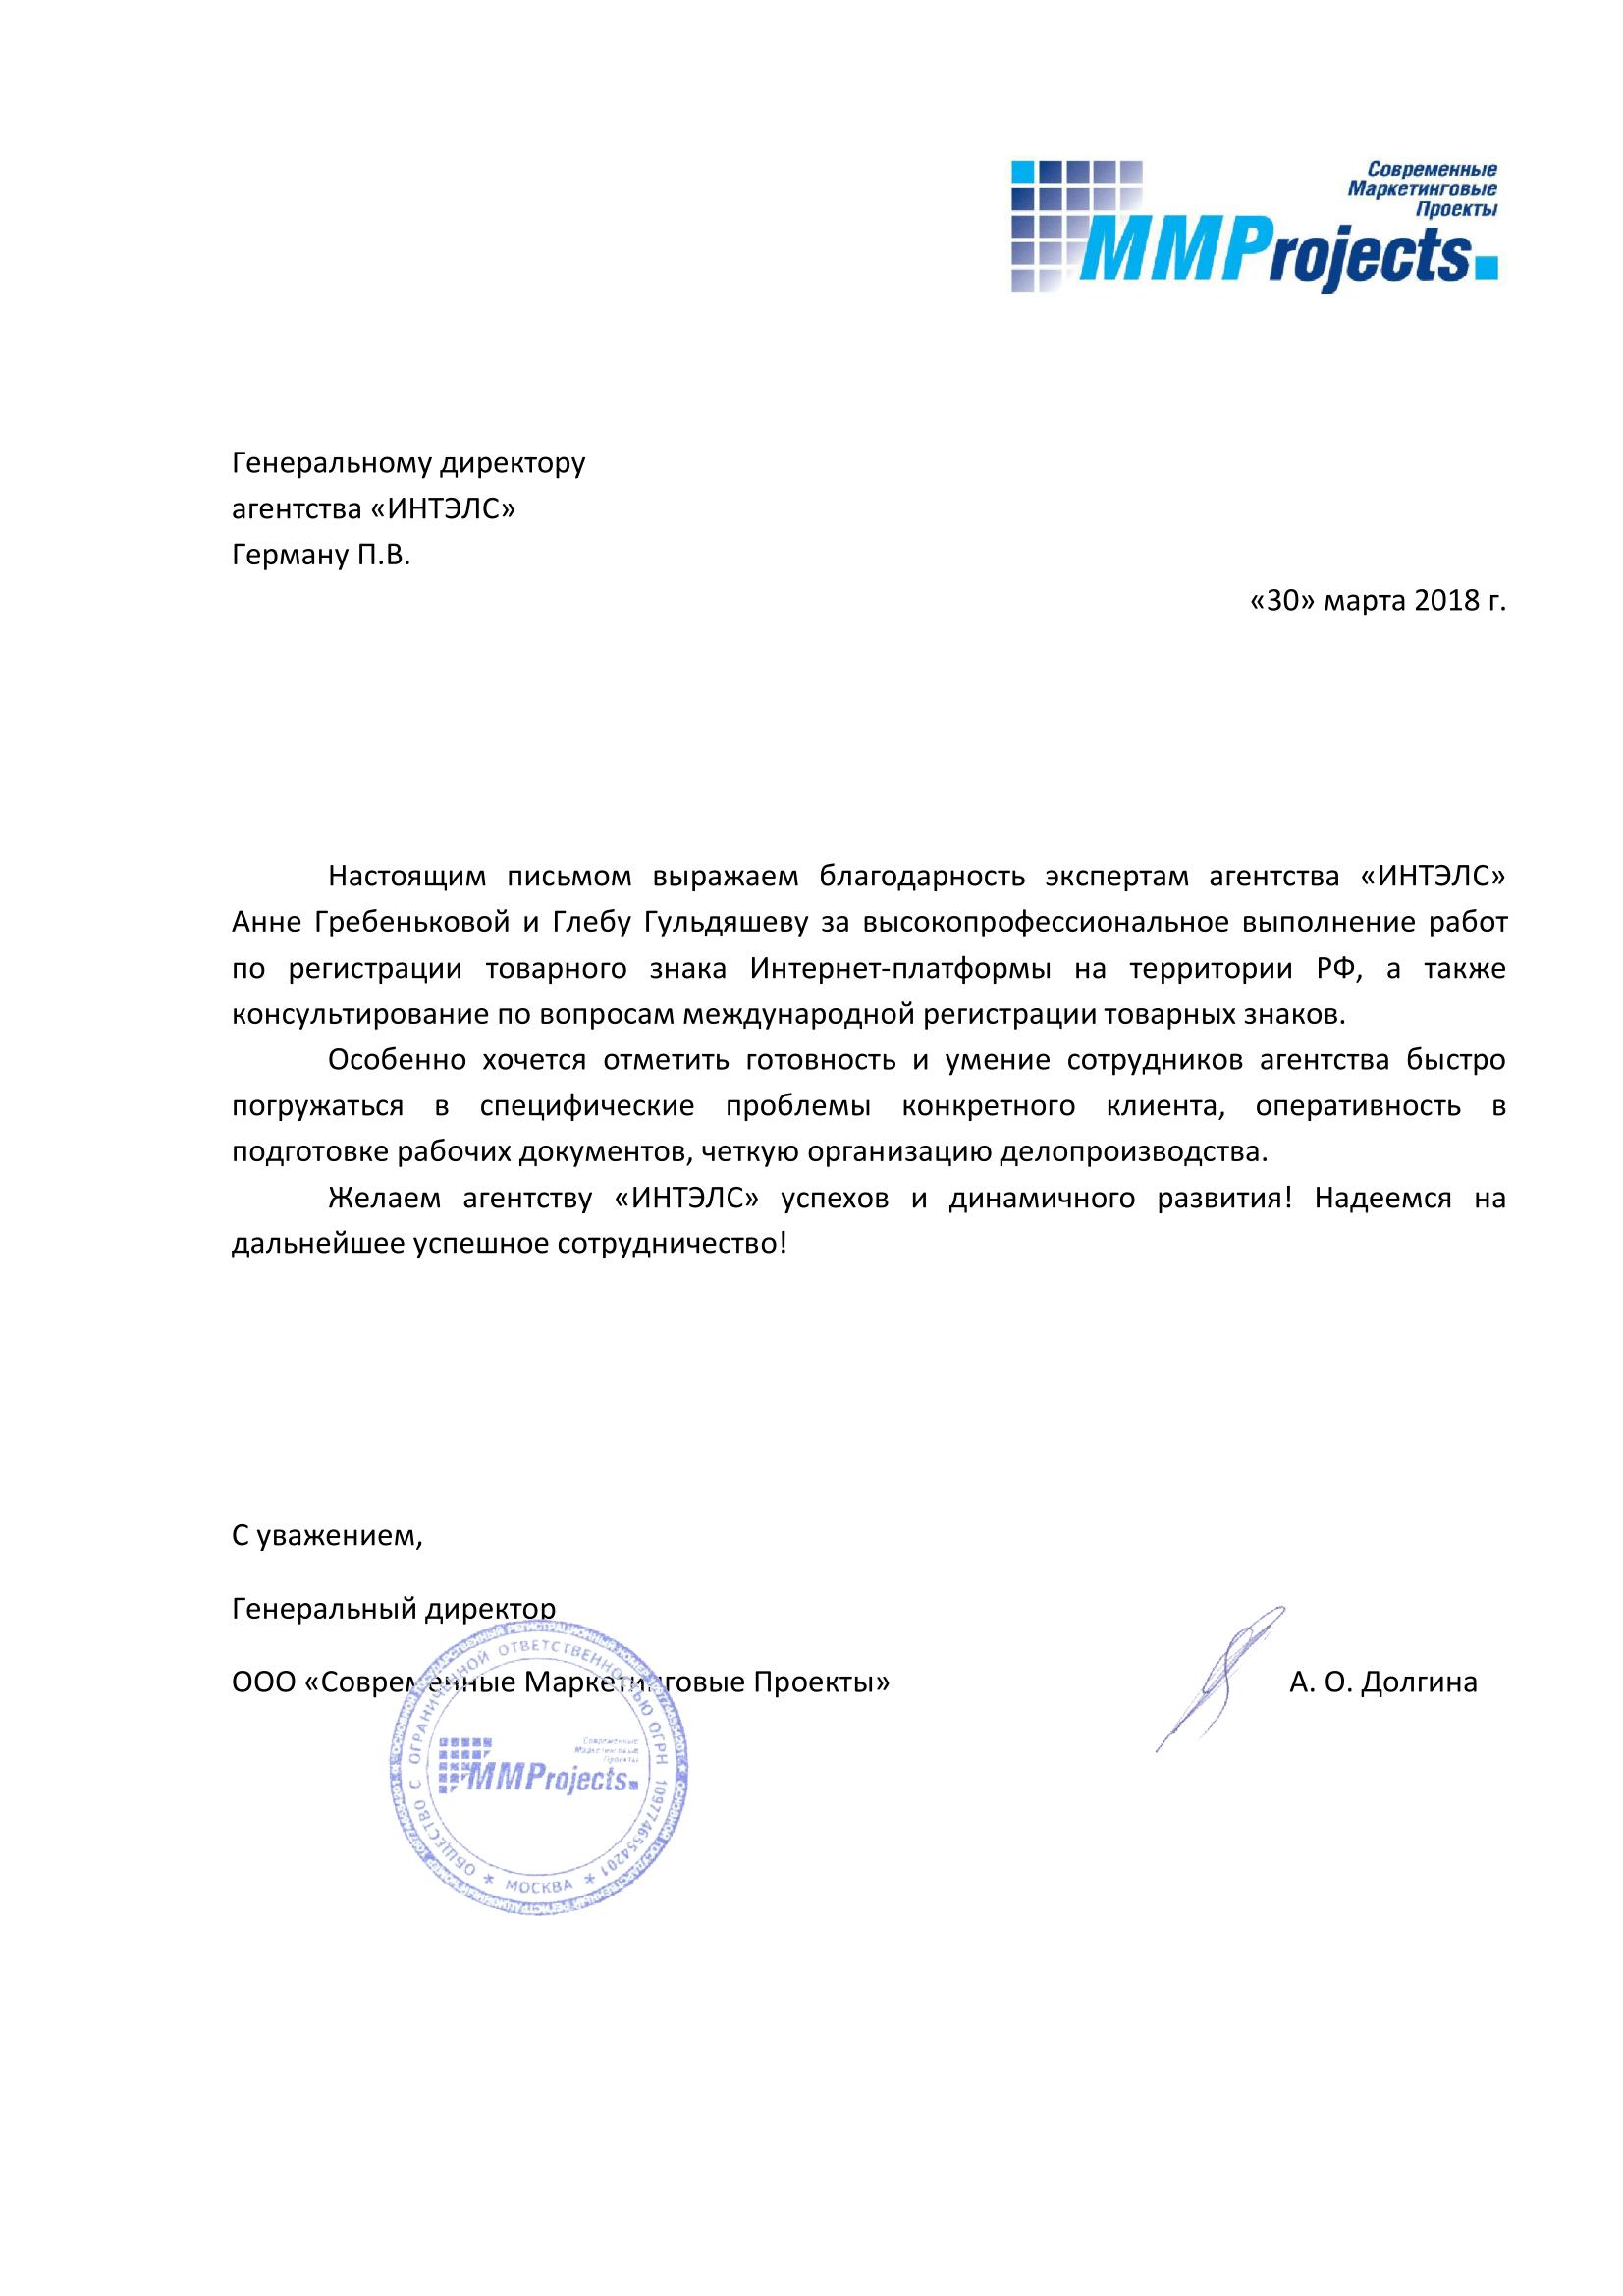 Благодарственное письмо_ИНТЭЛС_4637964-1